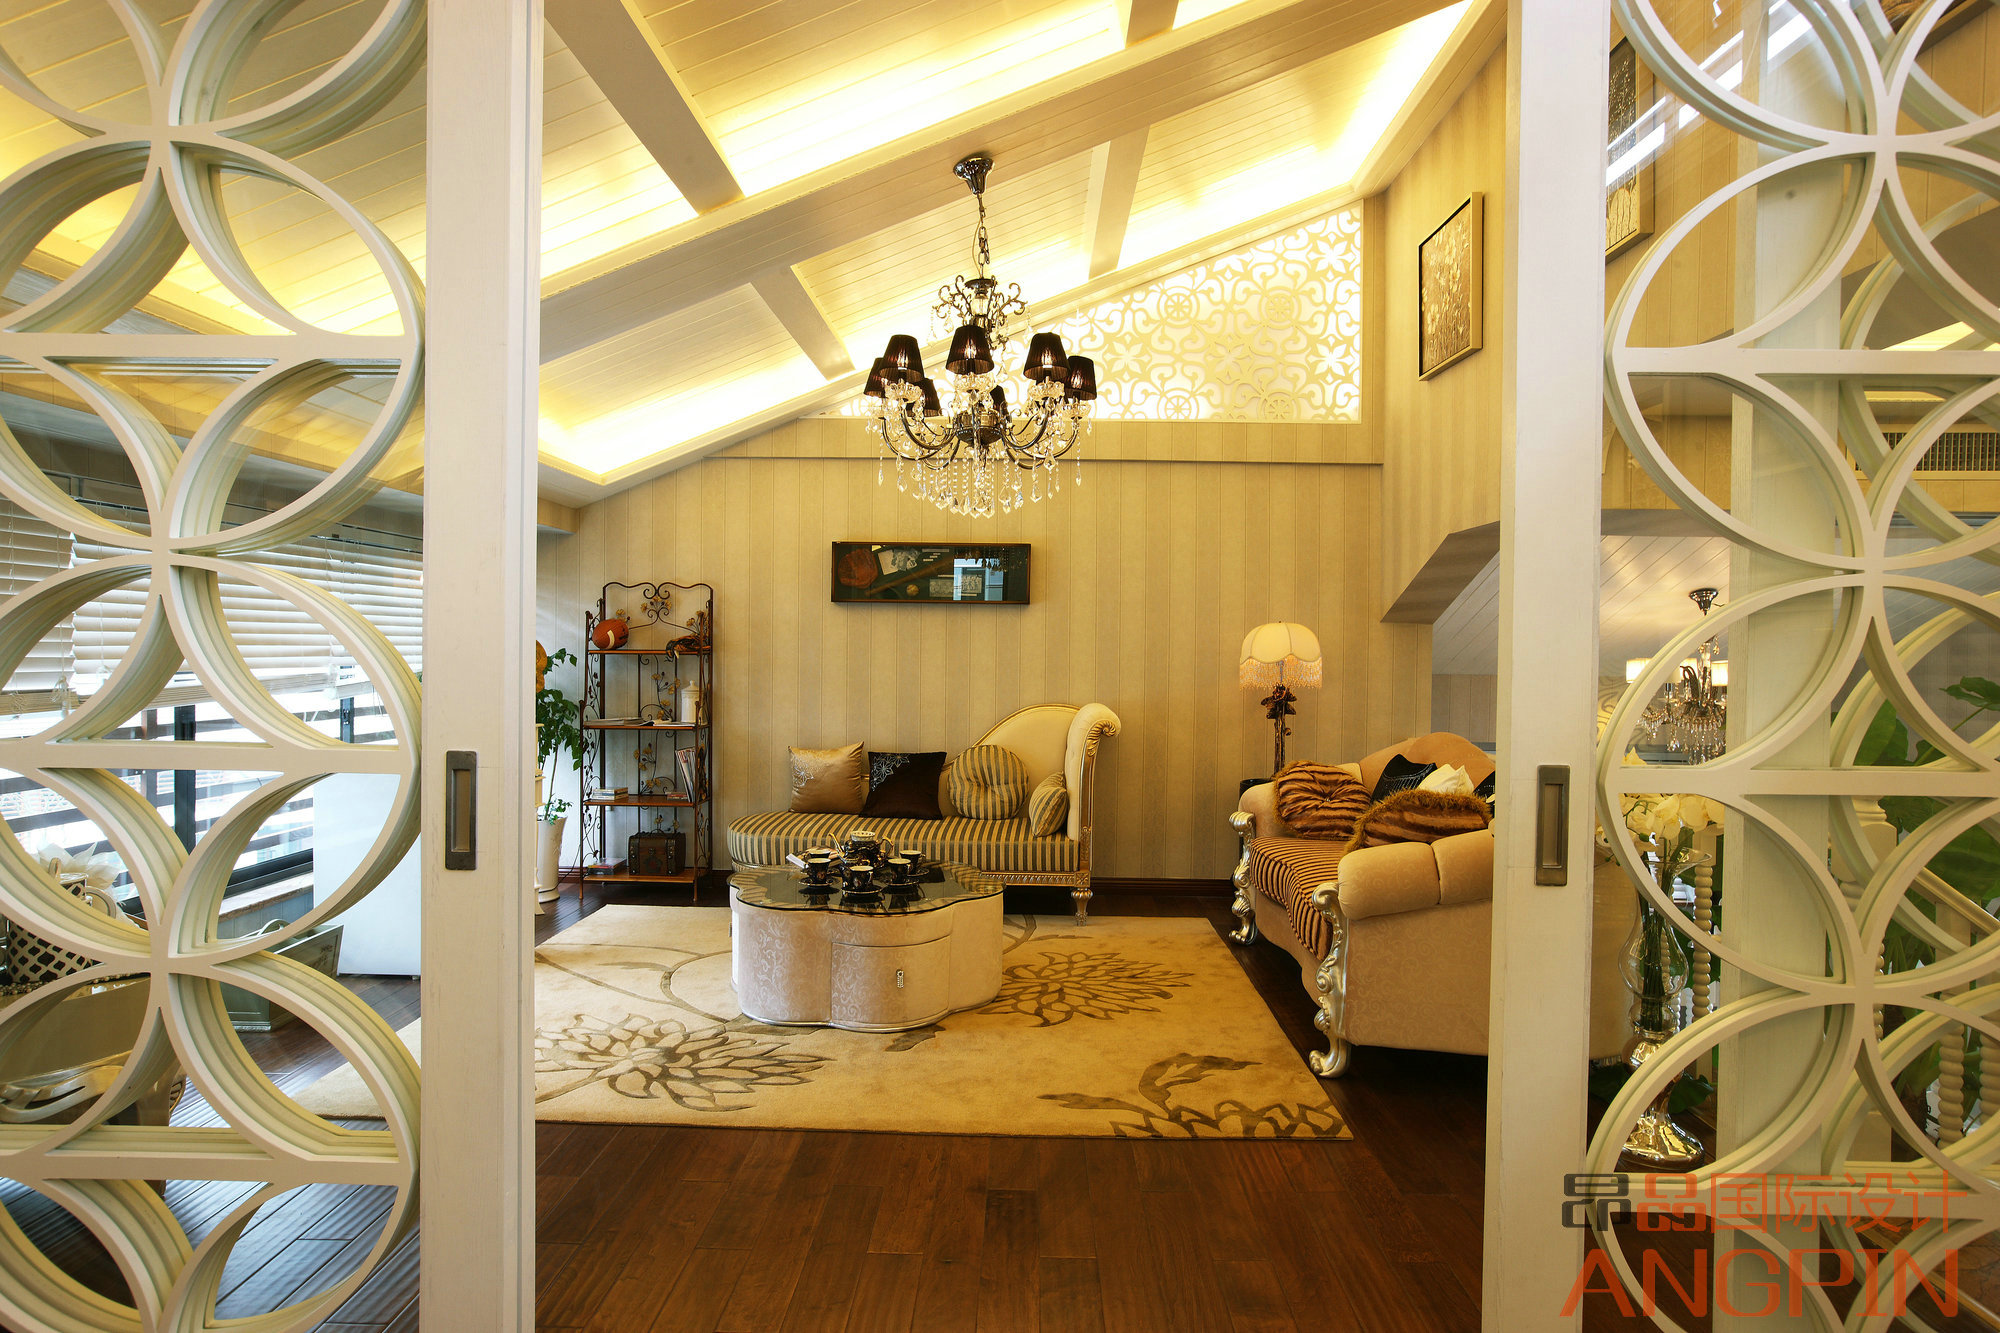 贵阳最美顶楼复式装修案例——欧式温馨风格